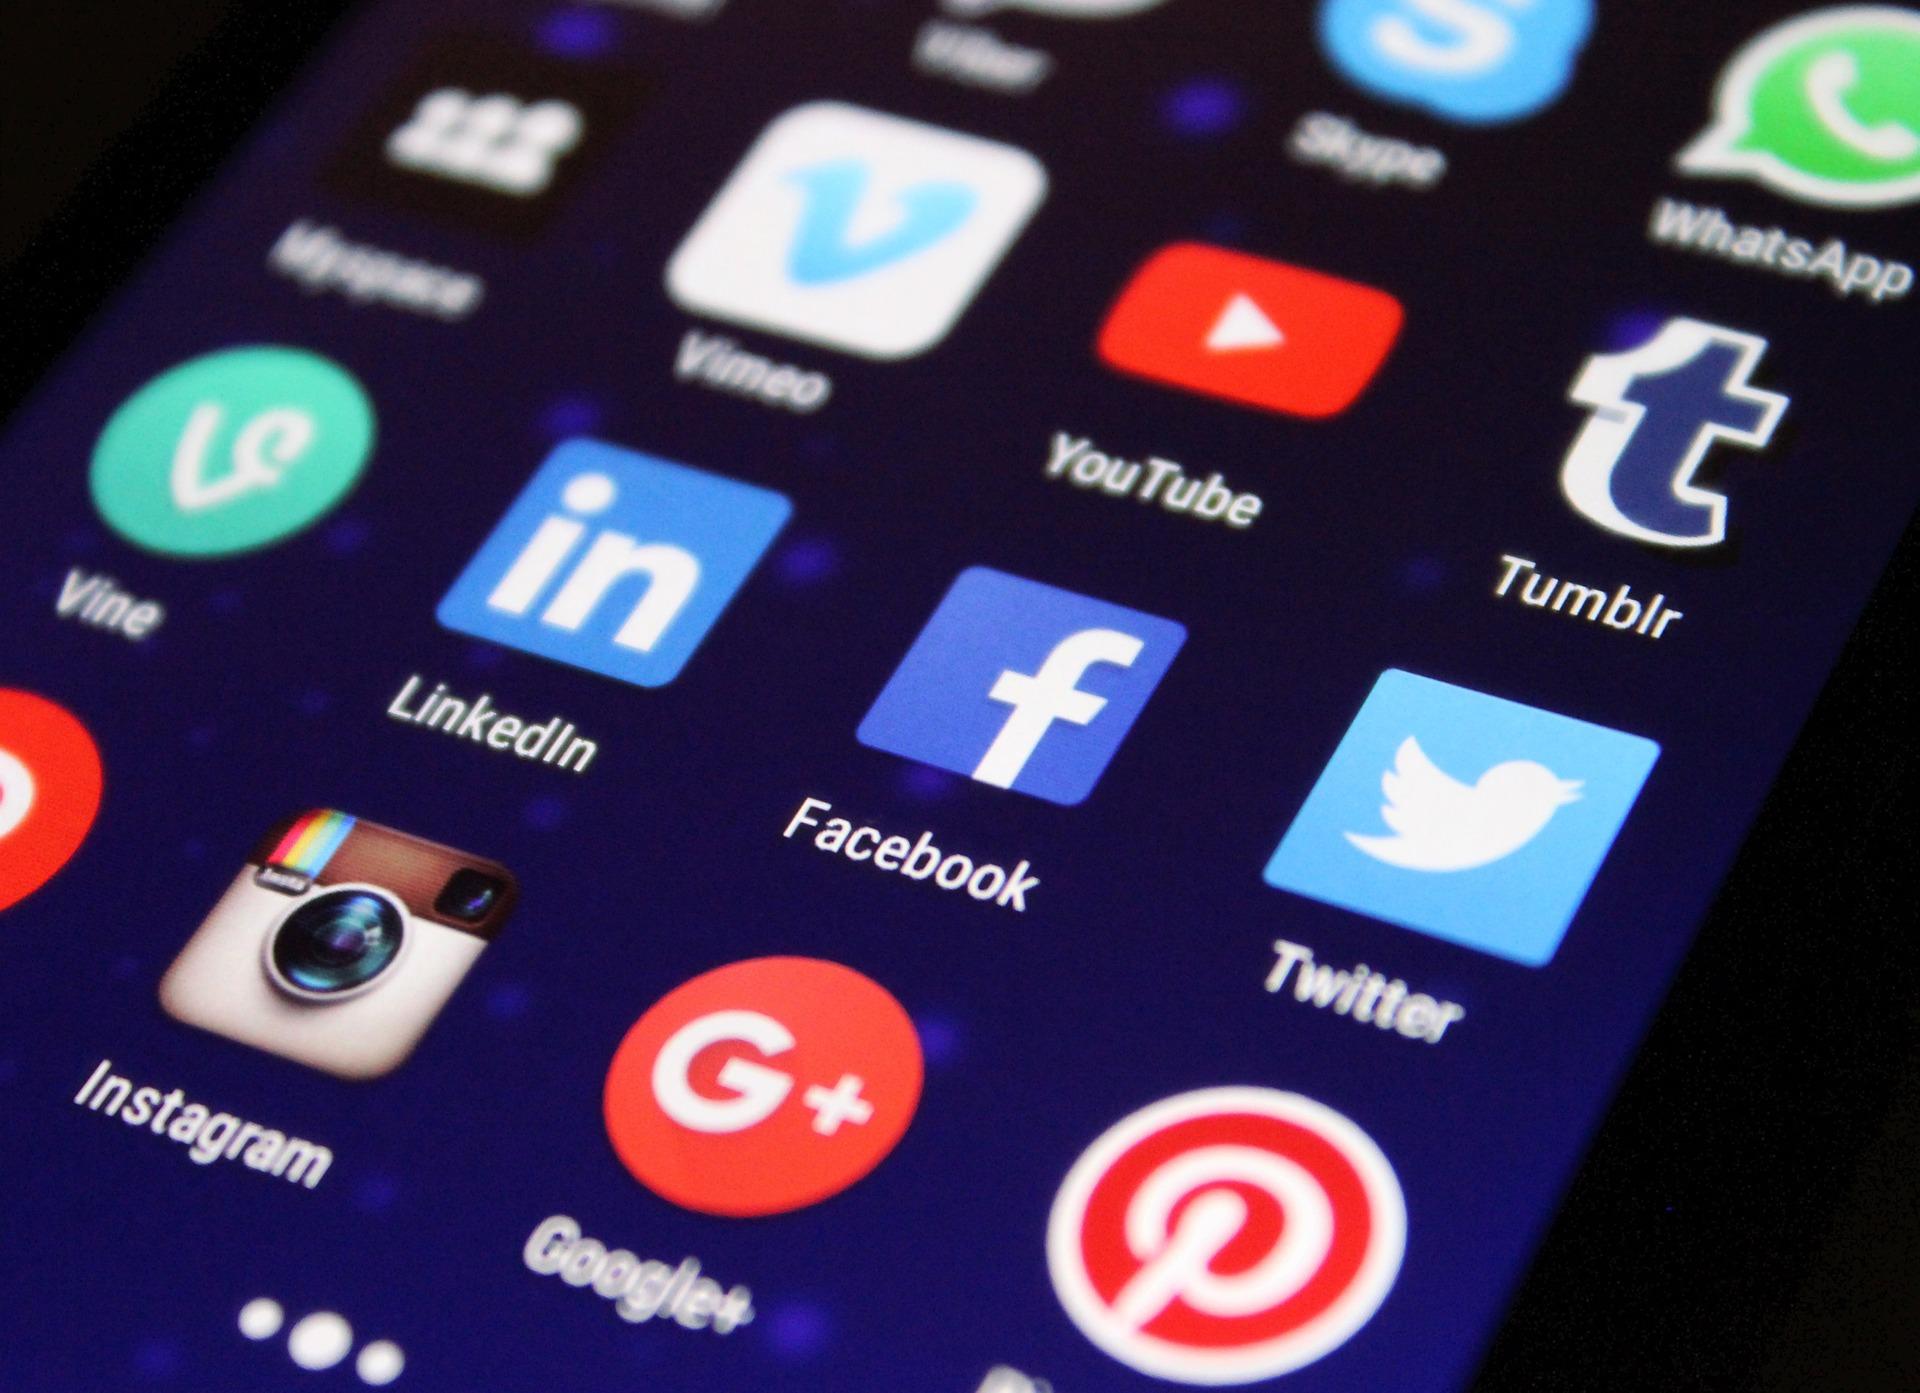 """réseaux sociaux """"width ="""" 1920 """"height ="""" 1393 """"srcset ="""" https://www.drsalemy.com/wp-content/uploads/2018/09/social-media.jpg 1920w, https: // www. drsalemy.com/wp-content/uploads/2018/09/social-media-300x218.jpg 300w, https://www.drsalemy.com/wp-content/uploads/2018/09/social-media-768x557.jpg 768w, https://www.drsalemy.com/wp-content/uploads/2018/09/social-media-400x290.jpg 400w, https://www.drsalemy.com/wp-content/uploads/2018/09 /social-media-800x580.jpg 800w, https://www.drsalemy.com/wp-content/uploads/2018/09/social-media-1600x1161.jpg 1600w, https://www.drsalemy.com/wp -content / uploads / 2018/09 / social-media-624x453.jpg 624w """"tailles ="""" (largeur max: 1920px) 100vw, 1920px """"/></p> <p>Aujourd'hui, les gens utilisent Internet pour prendre la plupart des décisions. Plus de 80% des internautes recherchent leurs options avant de faire des achats. Un sujet que beaucoup d'entre nous recherchent est l'information sur la santé.</p> <p>Un article récent publié dans <em>Chirurgie plastique et reconstructive</em>, le journal officiel de l'American Society of Plastic Surgeons (ASPS), examine comment les patients utilisent les médias sociaux pour prendre des décisions éclairées sur la chirurgie esthétique. Sur la base des enseignements de cette étude, ce qui suit explique comment le patient et le médecin peuvent utiliser au mieux les médias sociaux.</p> <h2>Changer la conversation</h2> <p>Les médias sociaux ont permis aux gens de se connecter de différentes manières. Plutôt que de limiter nos conversations aux personnes que nous voyons, nous pouvons maintenant trouver d'autres personnes qui nous «ressemblent» du monde entier. Cela donne à chacun d'entre nous accès à un large éventail d'expériences, et les gens en profitent en recherchant des réponses via les médias sociaux.</p> <p>Le contenu des médias sociaux peut être difficile à parcourir, mais le système de hashtags, de mots ou d'expressions précédés d'un symbole #, permet aux utilisateurs de rechercher des sujets."""